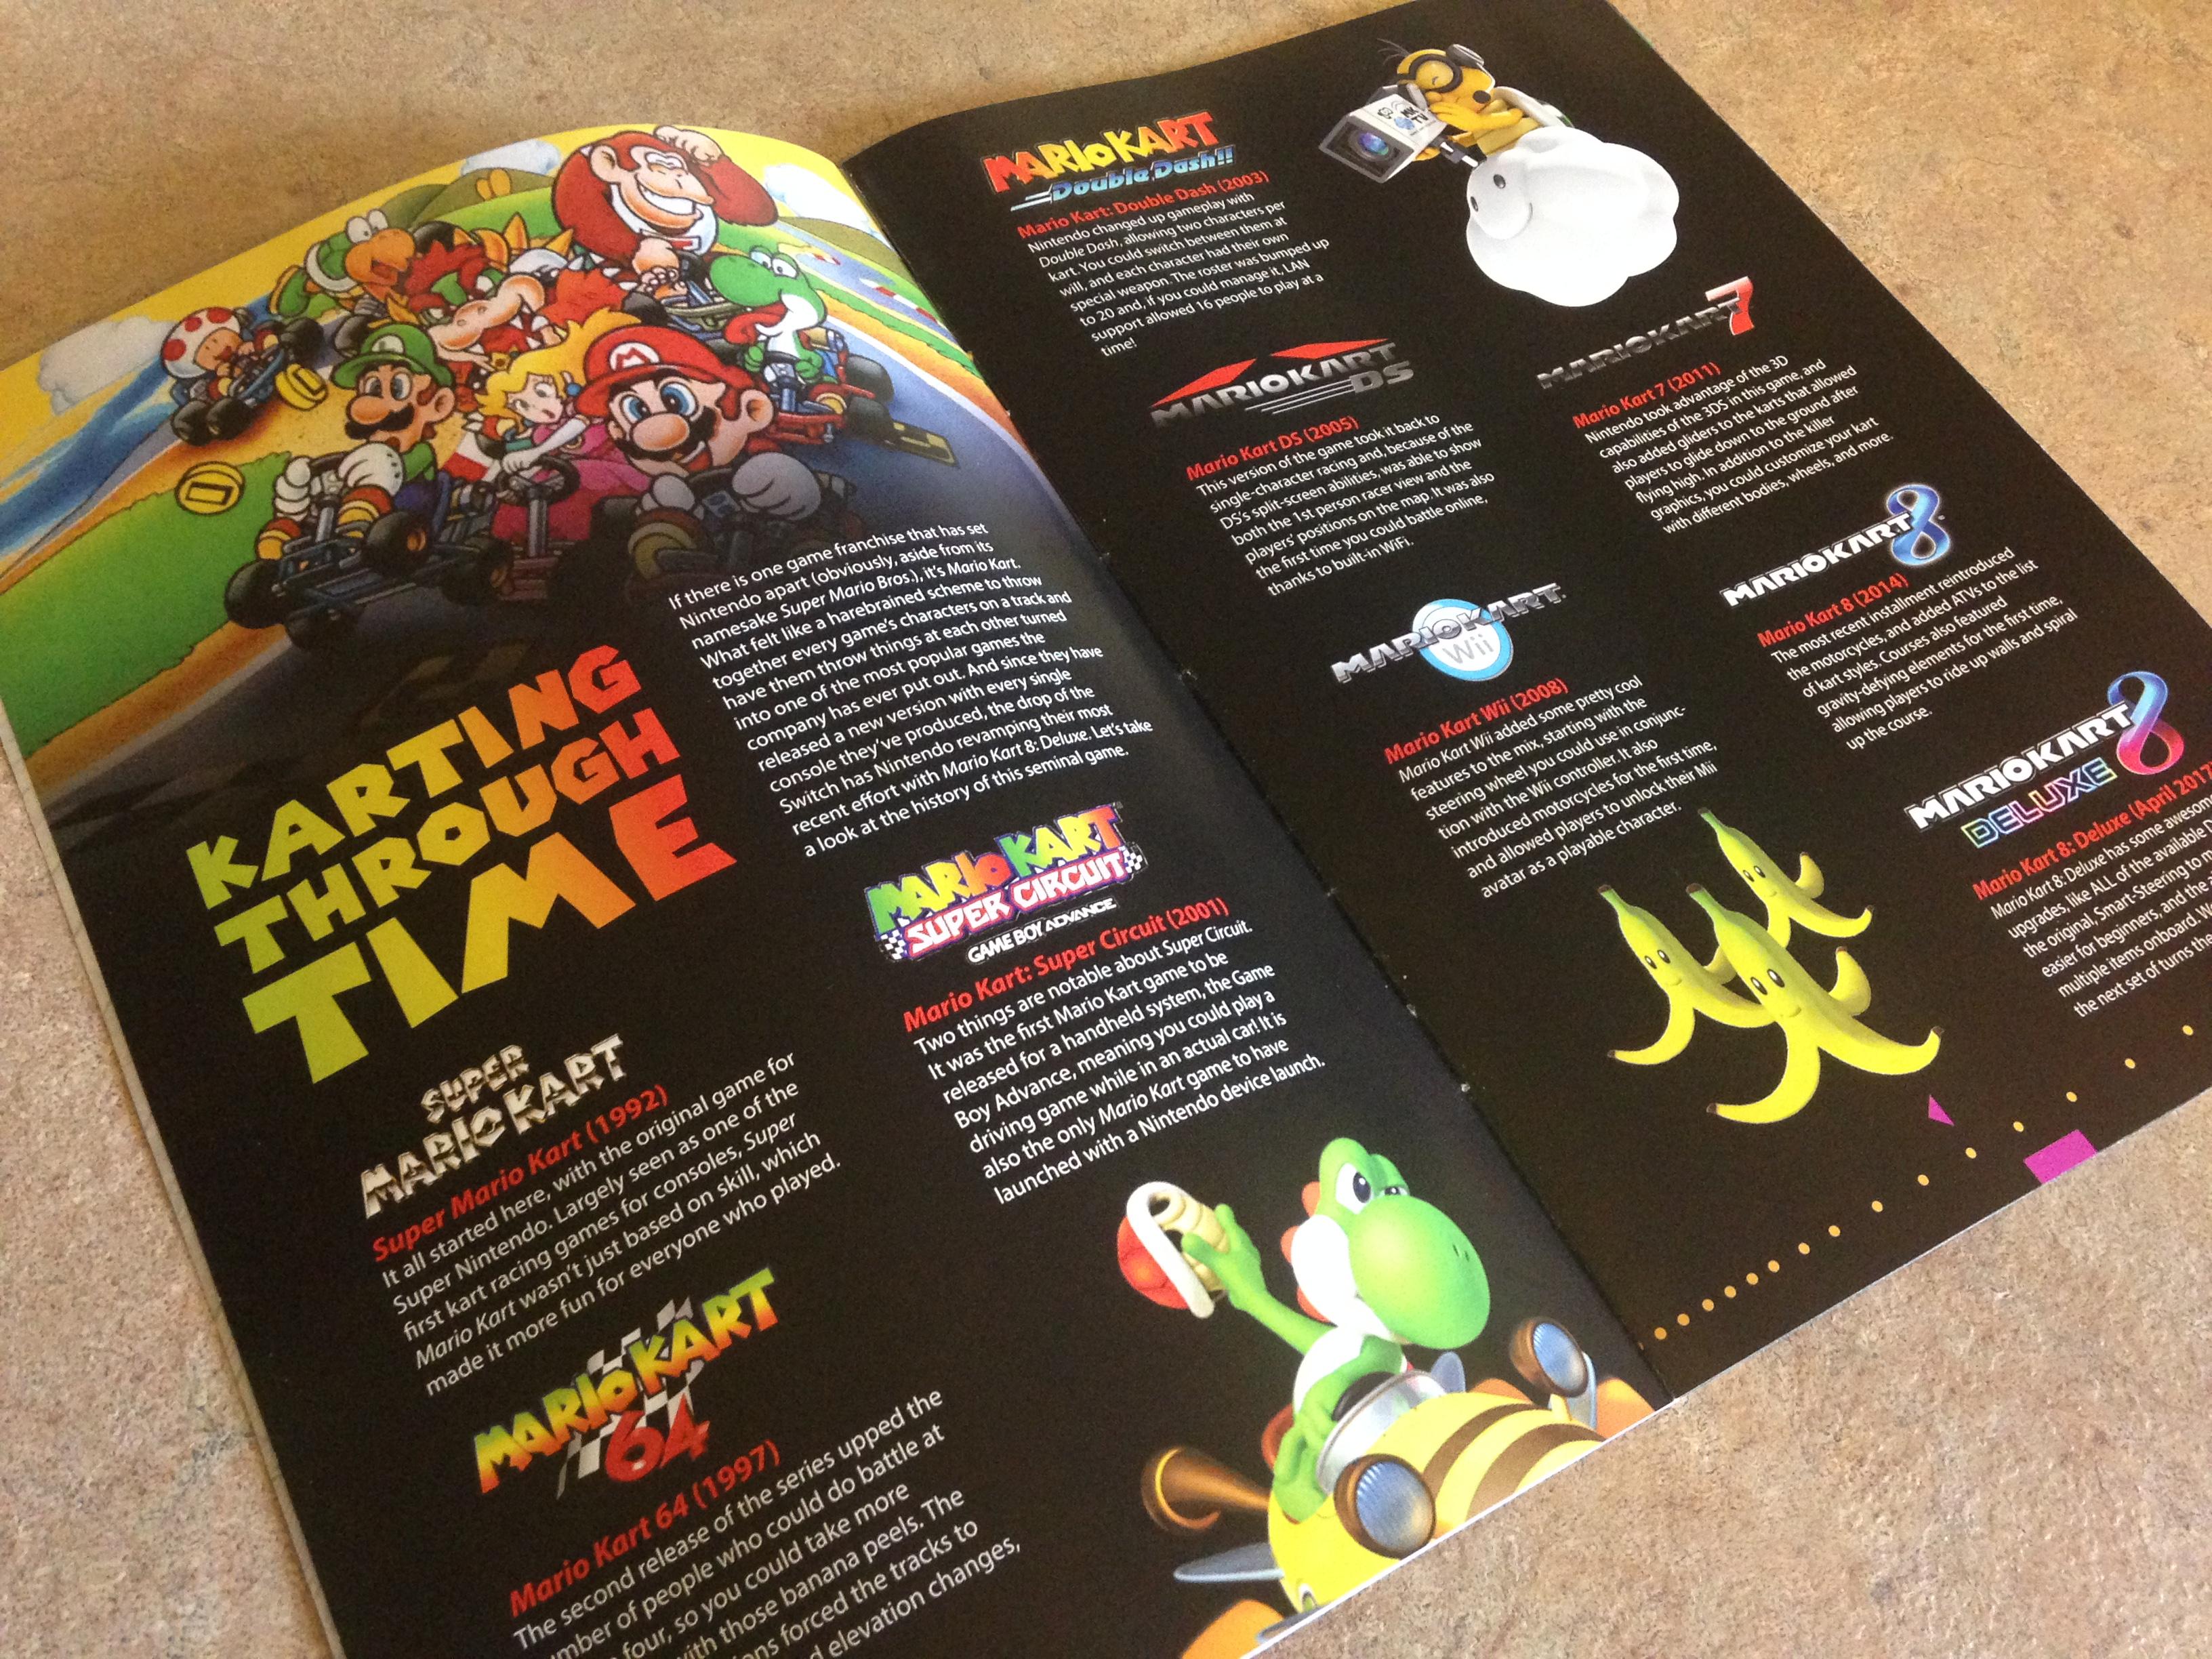 Geek Fuel Magazine, Mario Kart 8 Deluxe